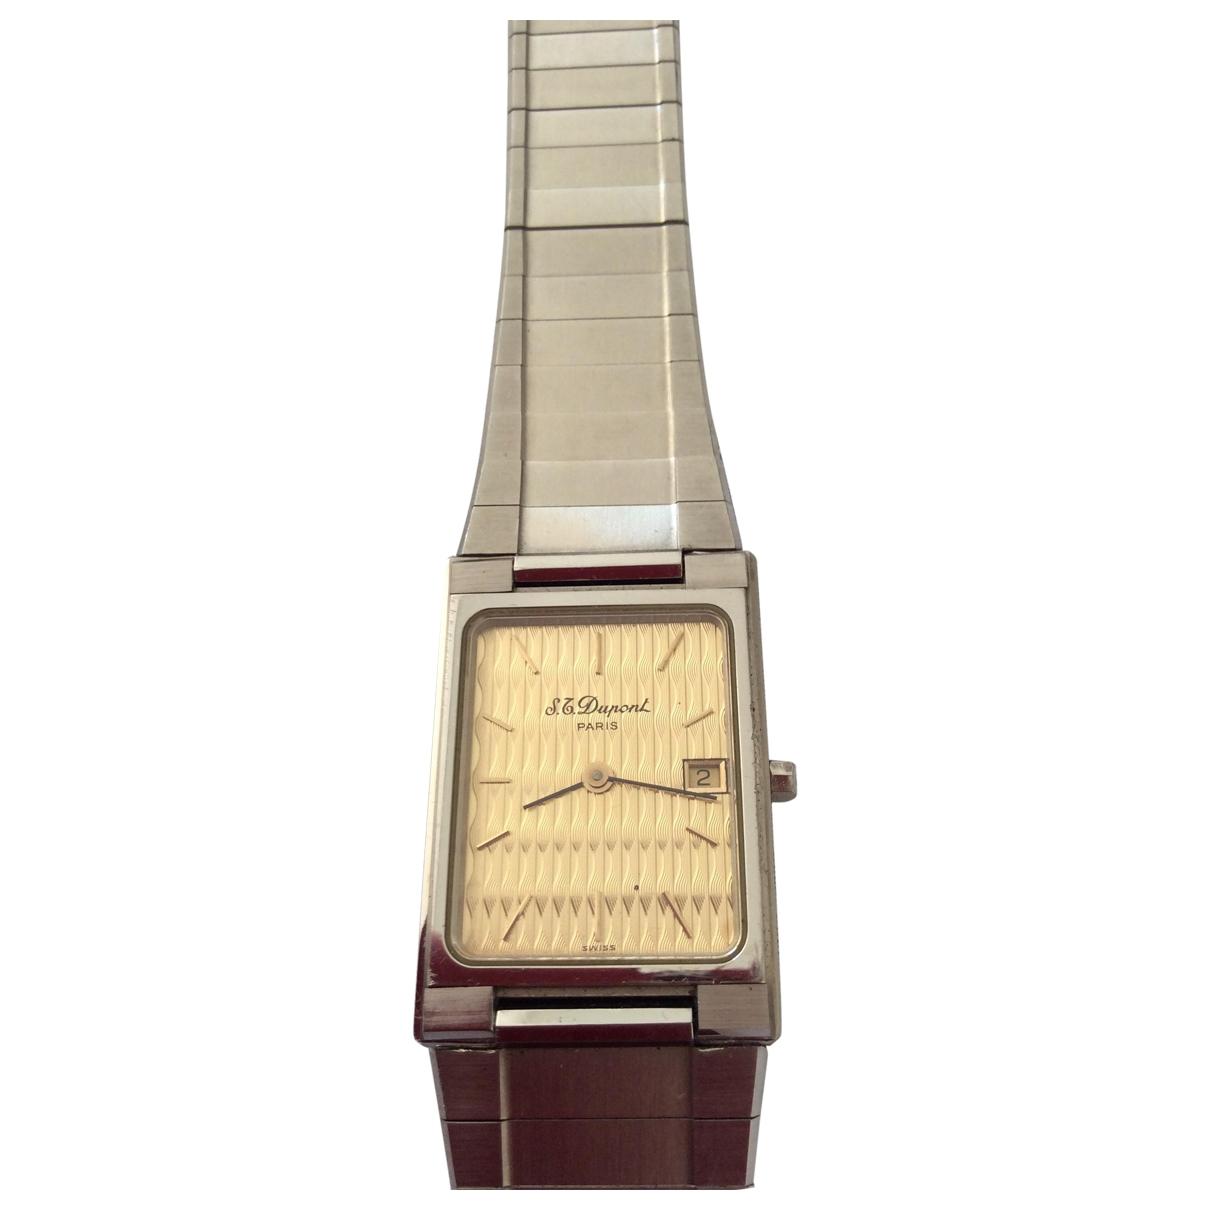 Relojes S.t. Dupont